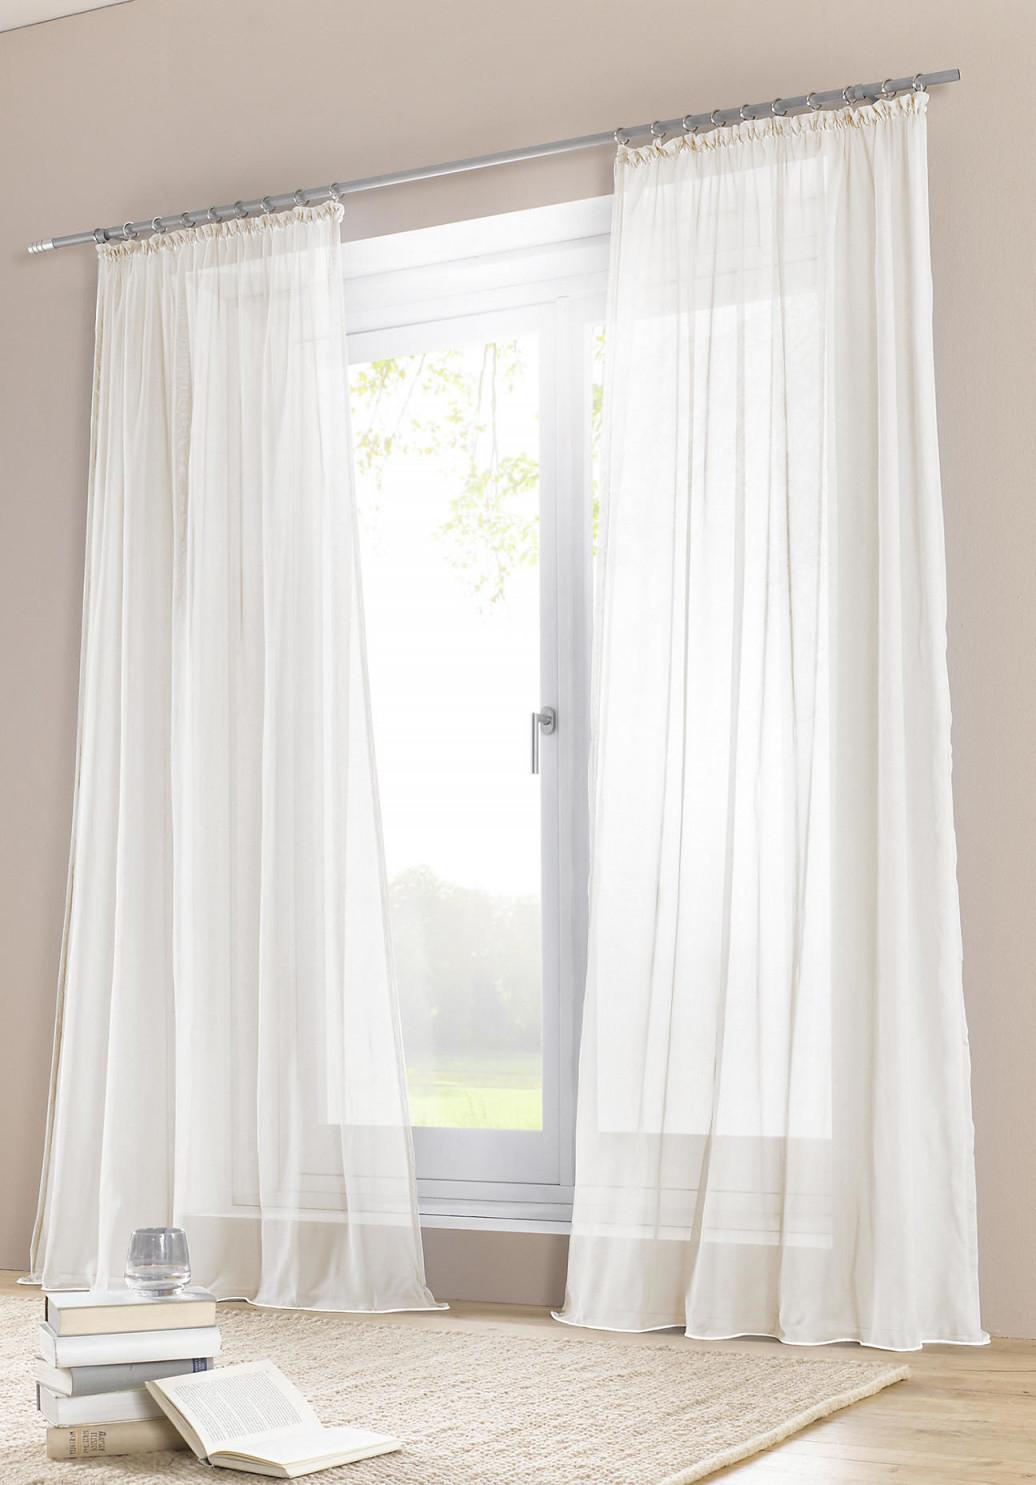 Die Schönsten Ideen Für Vorhänge  Gardinen von Gardinen Dekorationsvorschläge Wohnzimmer Bild